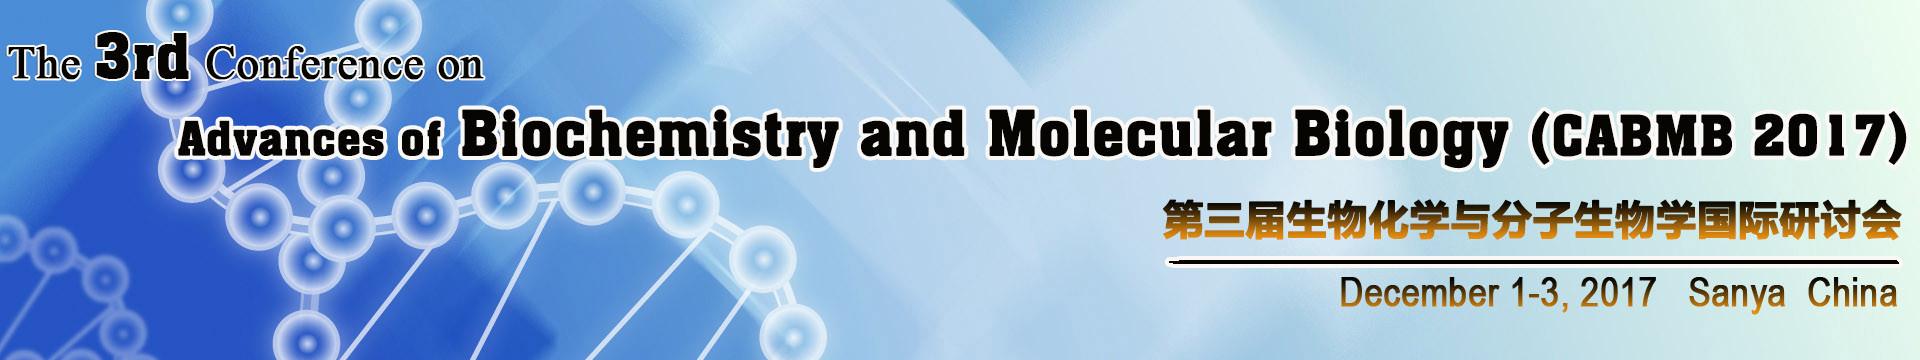 第三届生物化学与分子生物学国际研讨会(CABMB 2017)